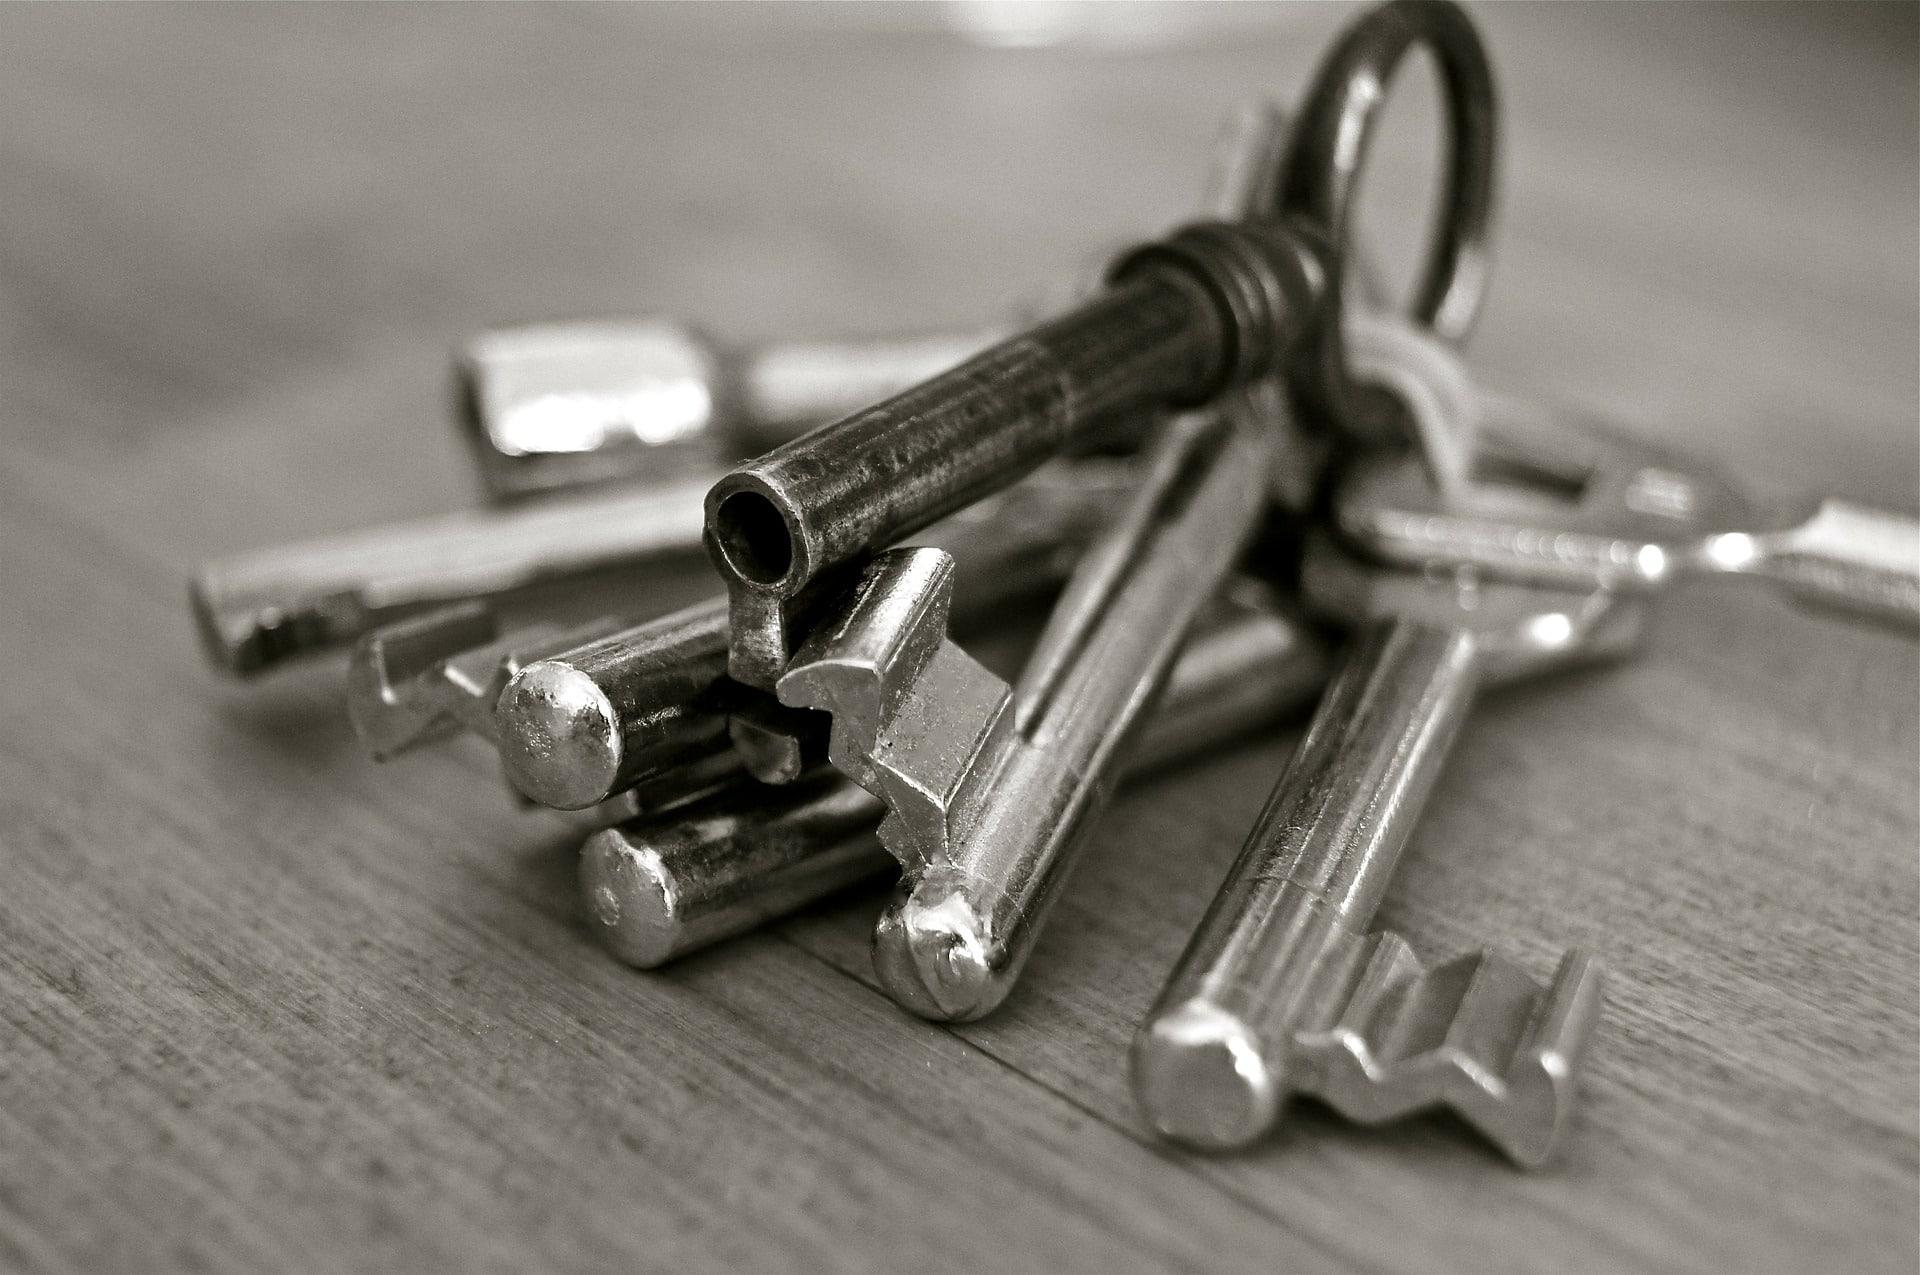 Comment ne plus perdre ses clés ?